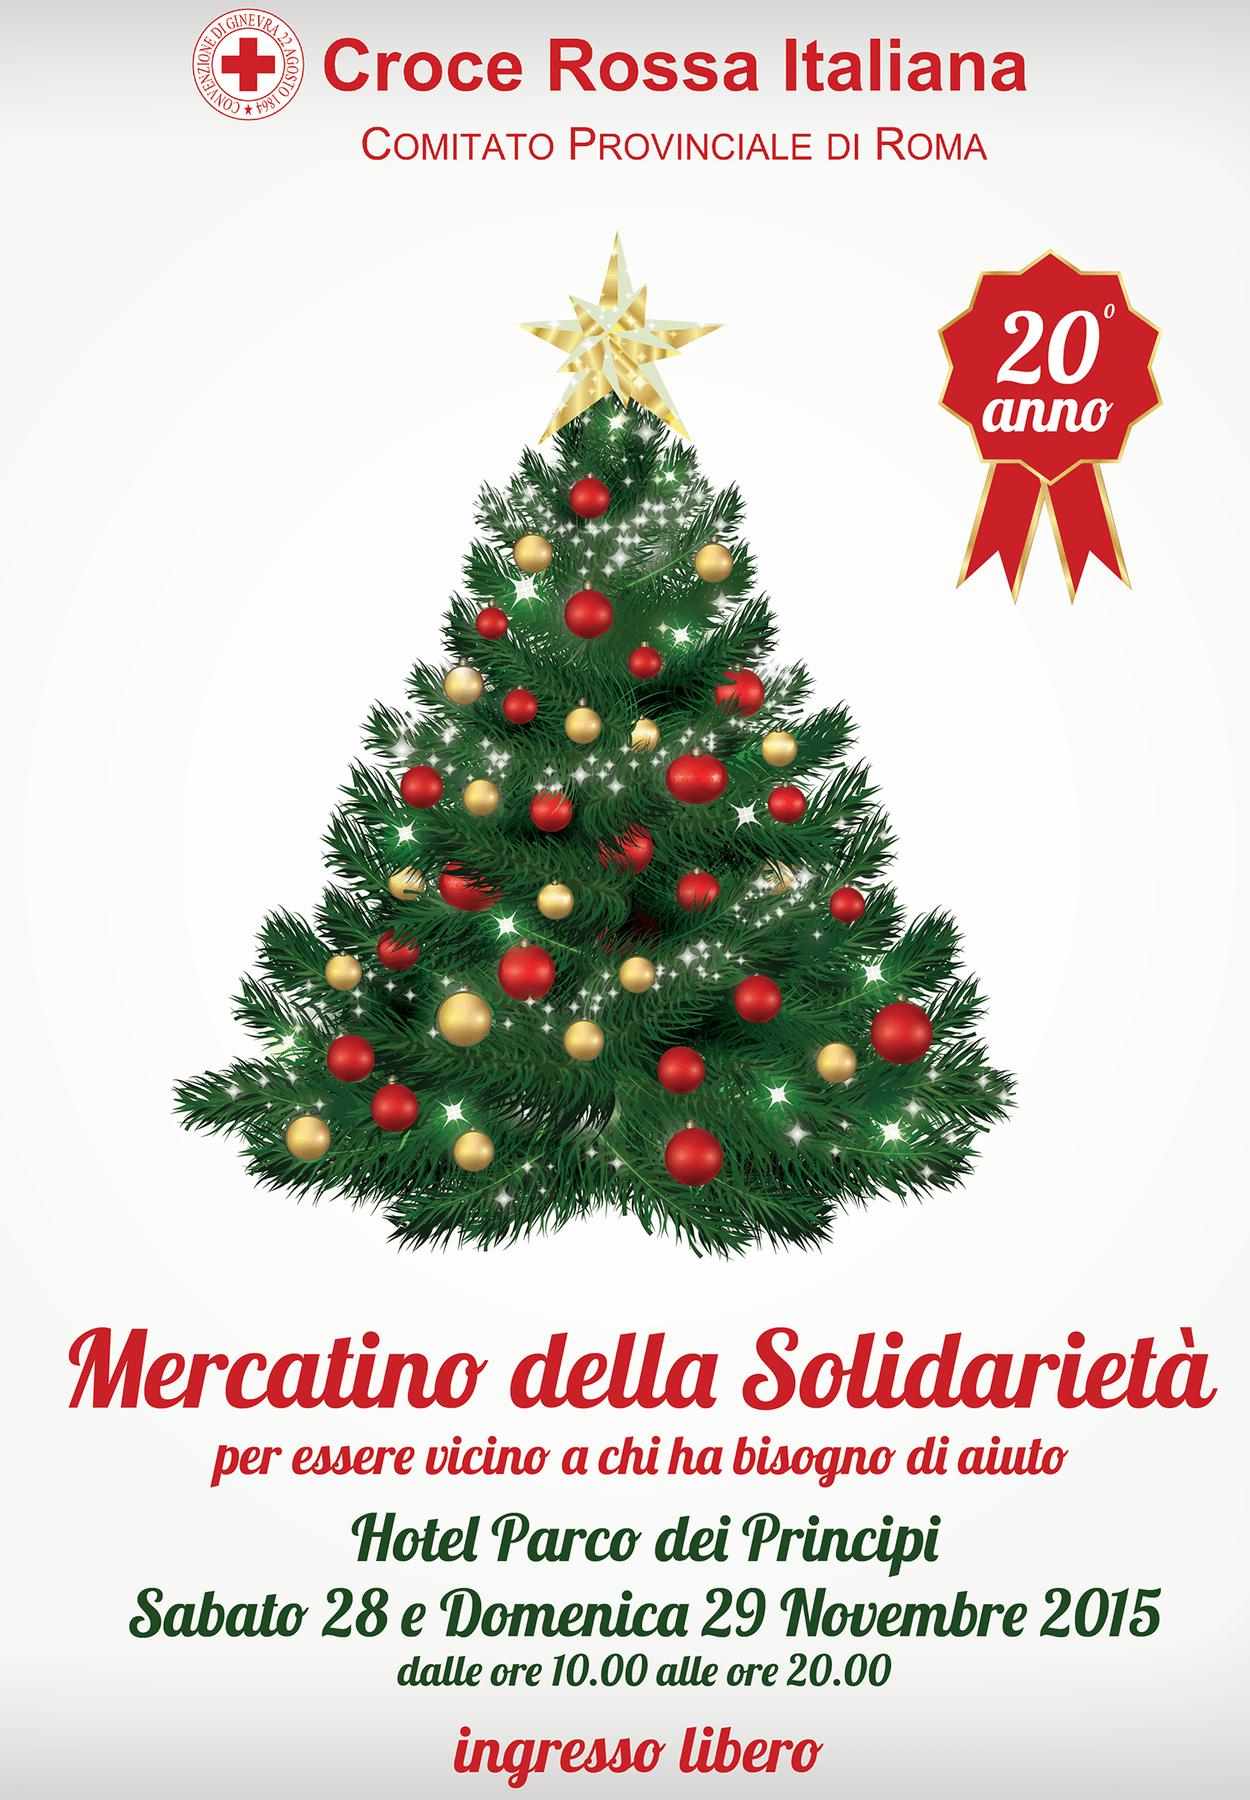 Mercatino_della_Solidariet_2015_Croce_Rossa